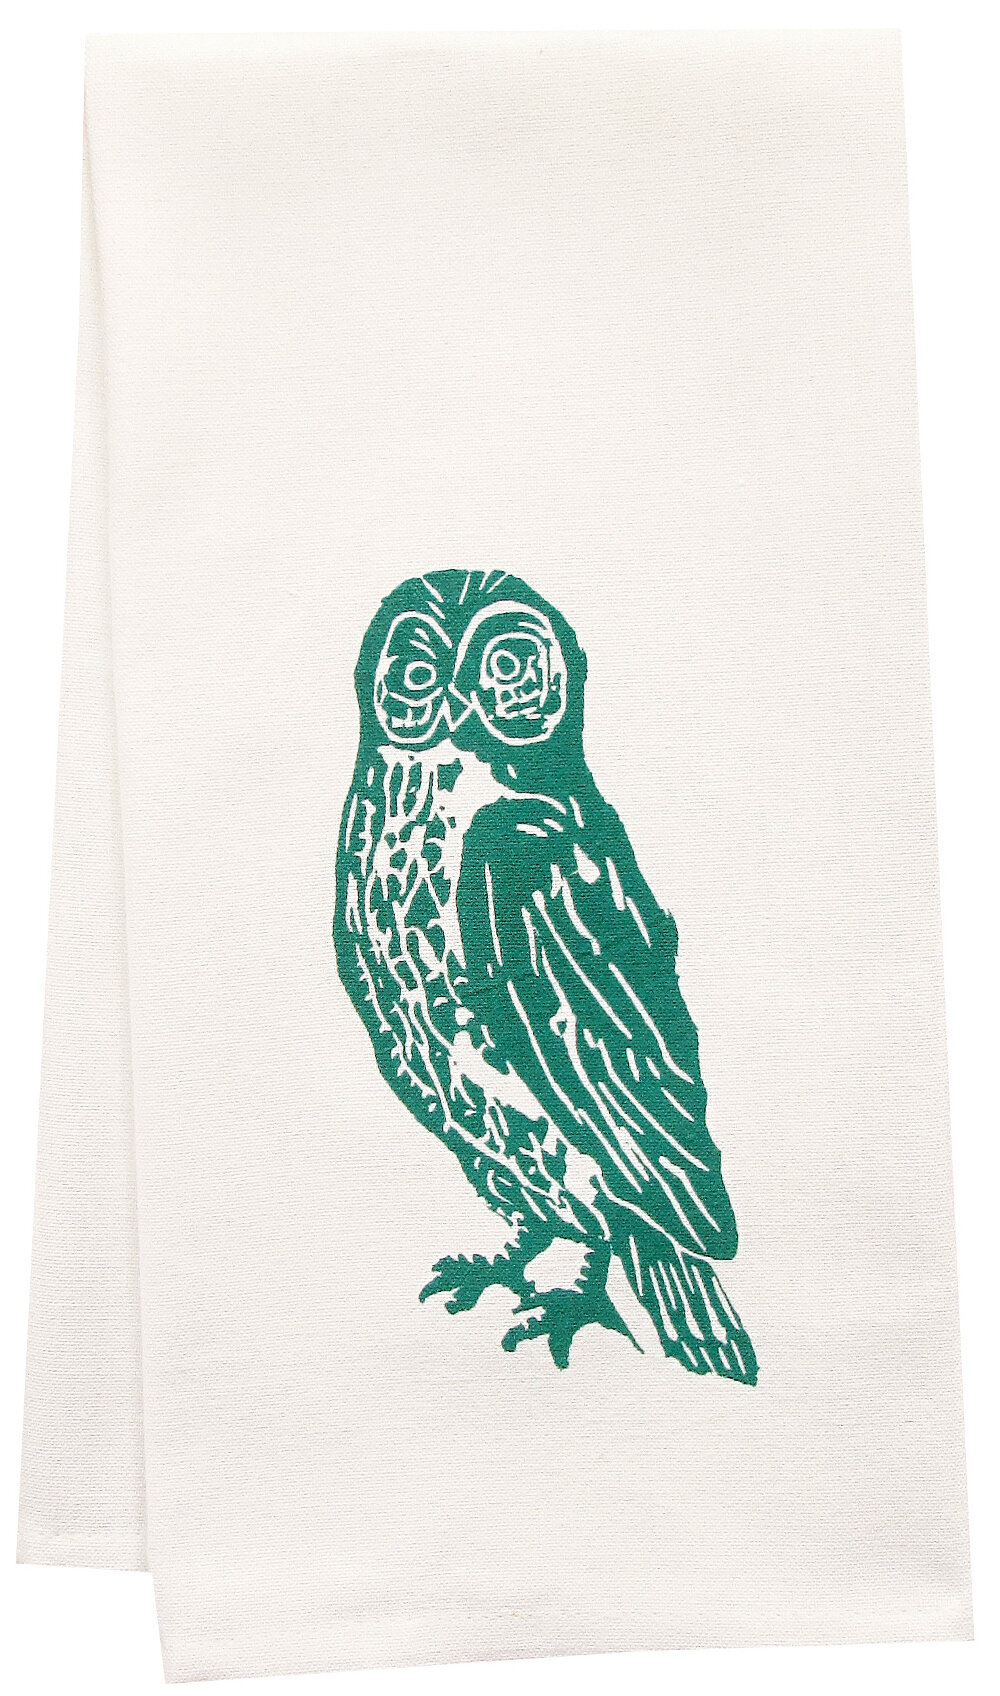 Artgoodies Organic Owl Block Print Tea Towel Reviews Wayfair